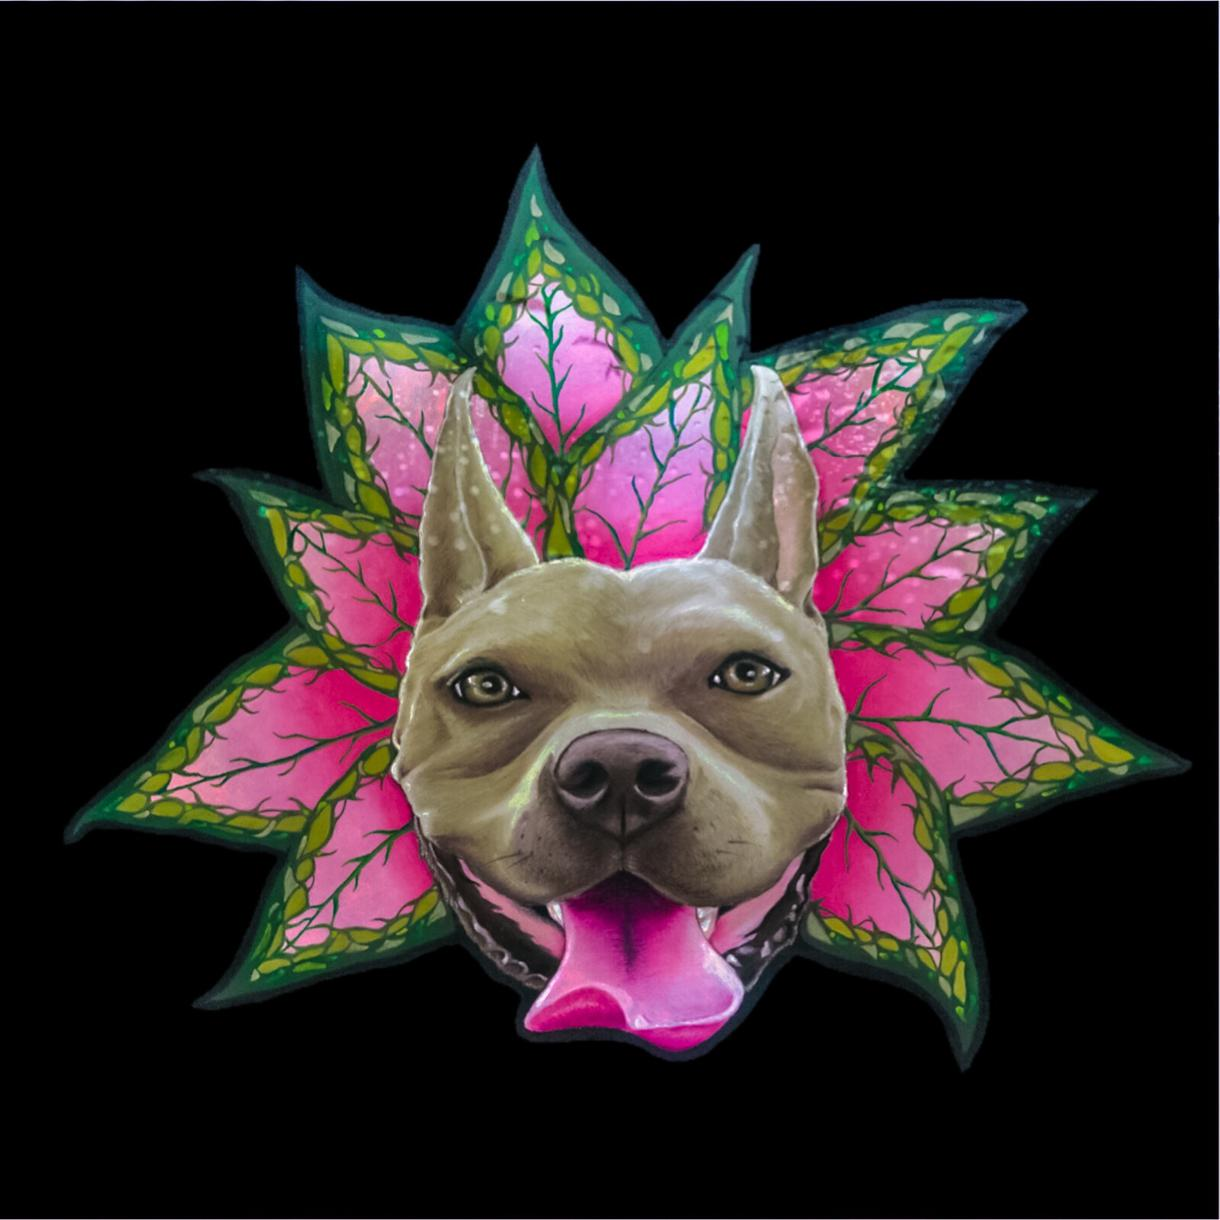 チョークアートで愛犬似顔絵描きます 大好きなワンコをPOPで可愛い絵にします! イメージ1